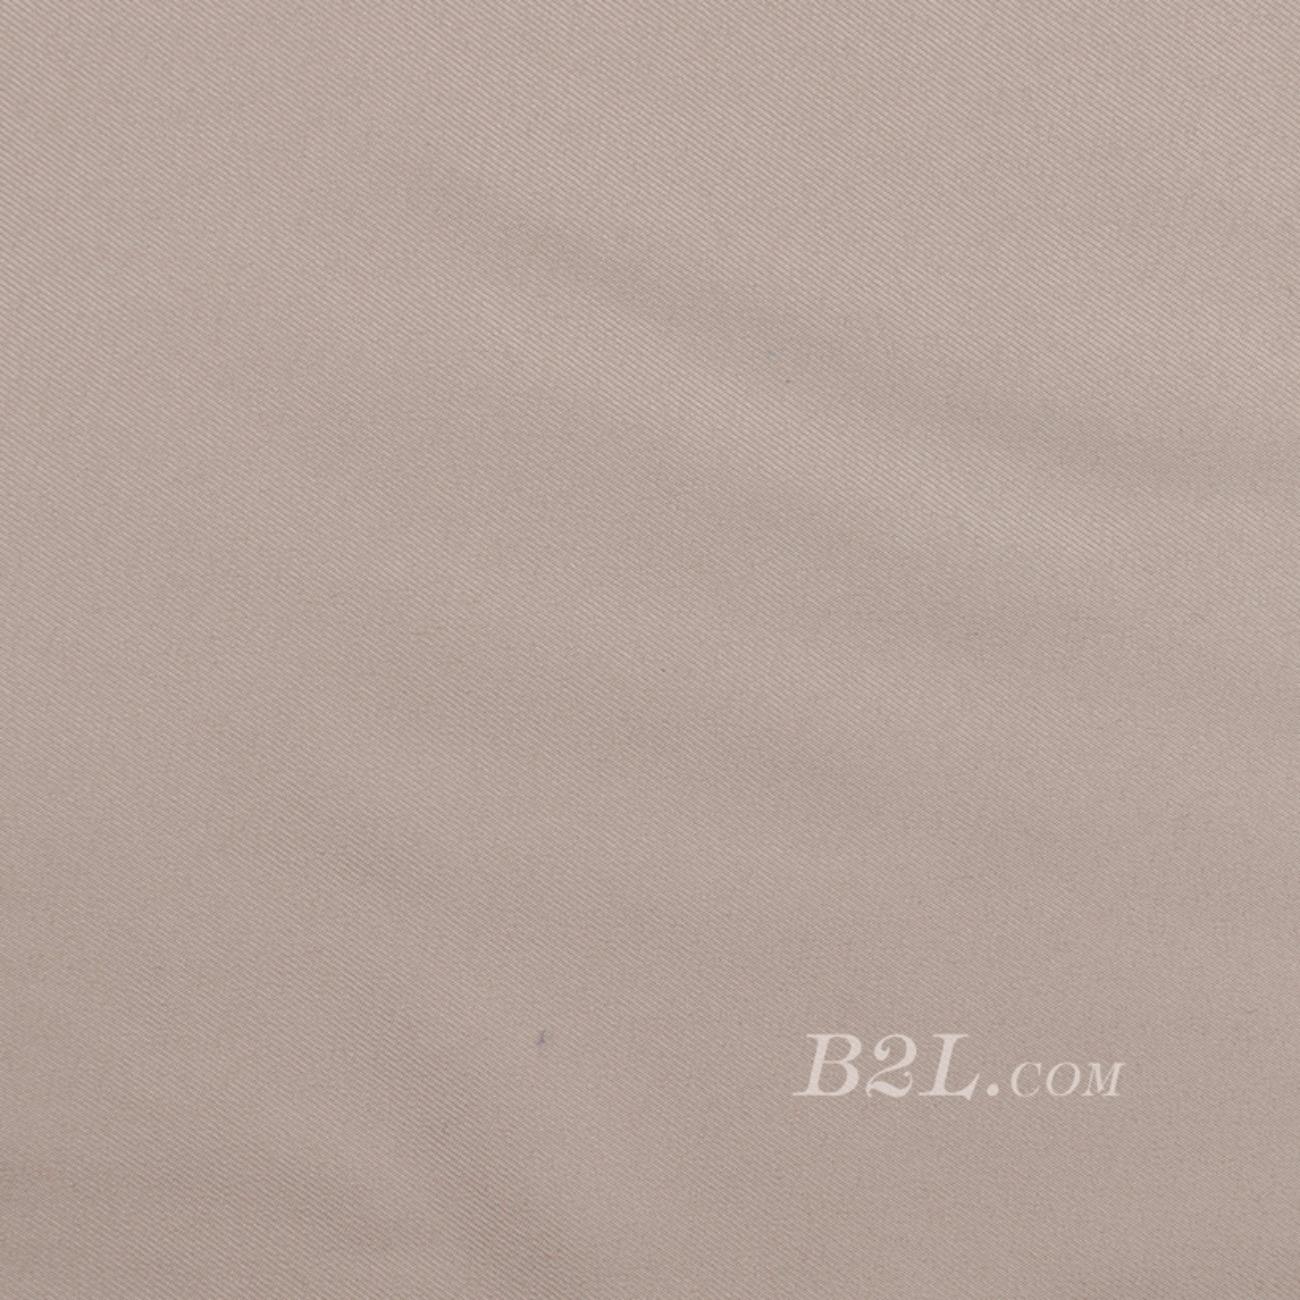 素色斜纹梭织喷水染色工装制服保安服装面料 工作服 全涤 柔软 70911-3